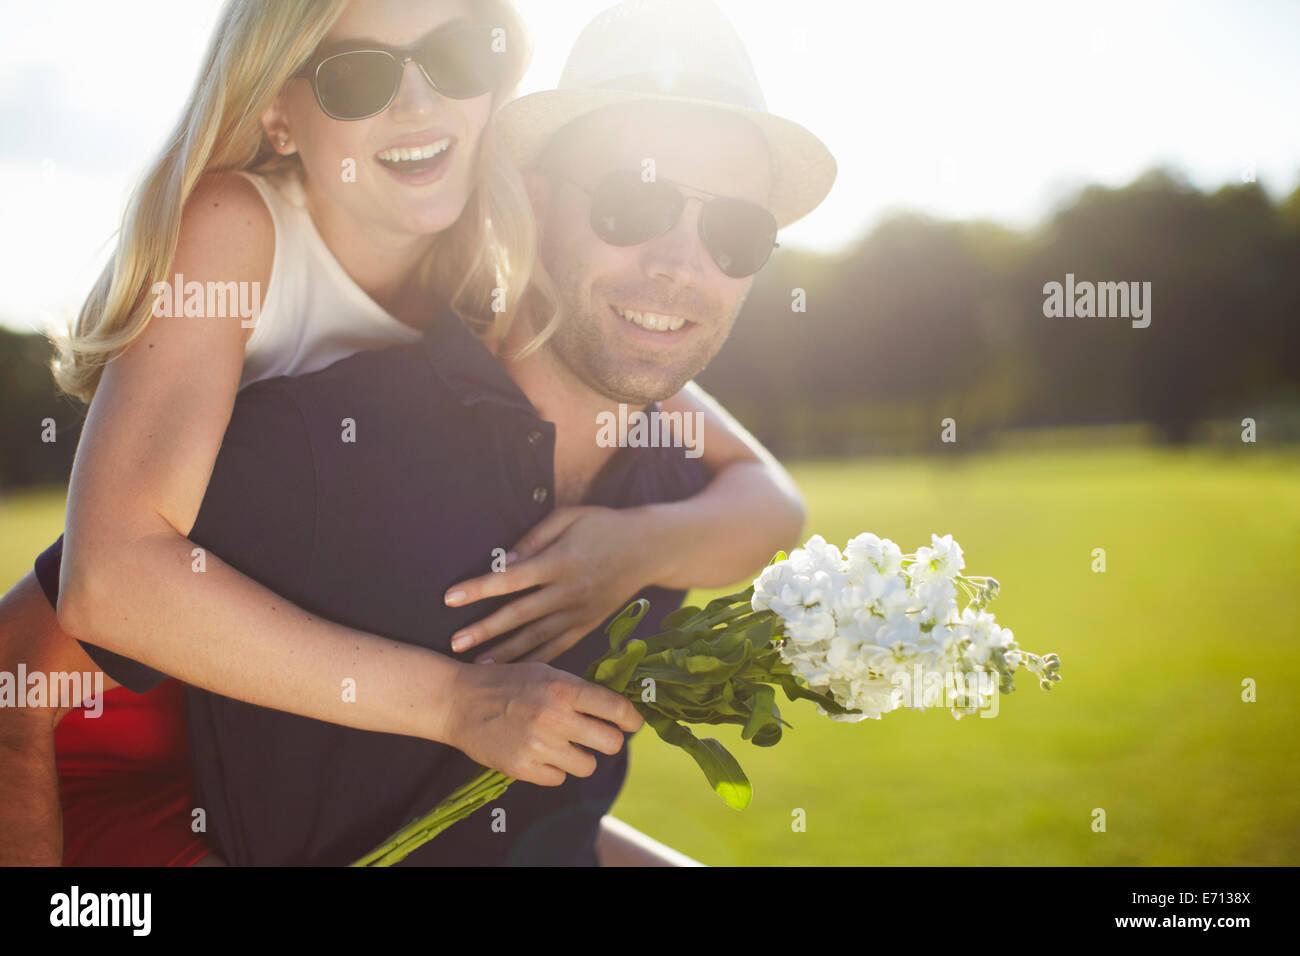 Junge Frau mit Blumen immer Huckepack von Freund im park Stockbild